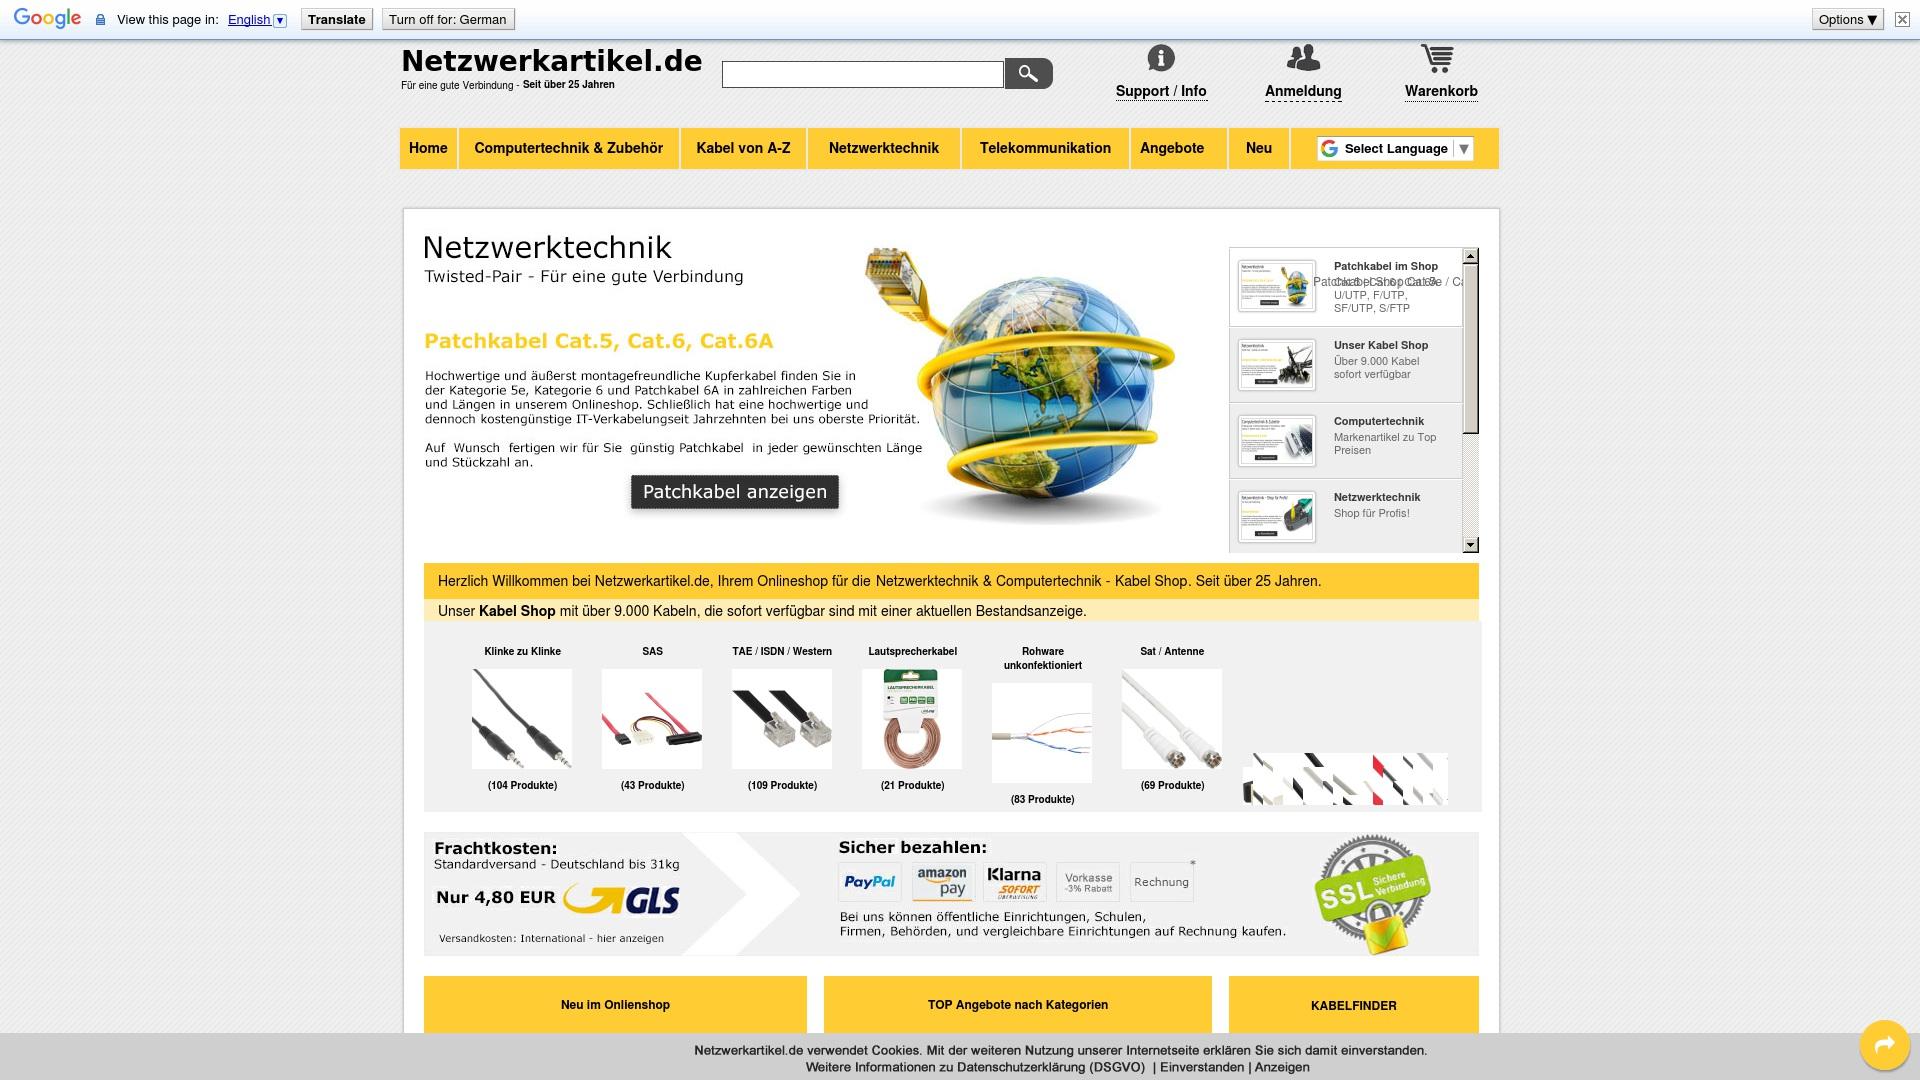 Geld zurück bei Netzwerkartikel: Jetzt im September 2021 Cashback für Netzwerkartikel sichern